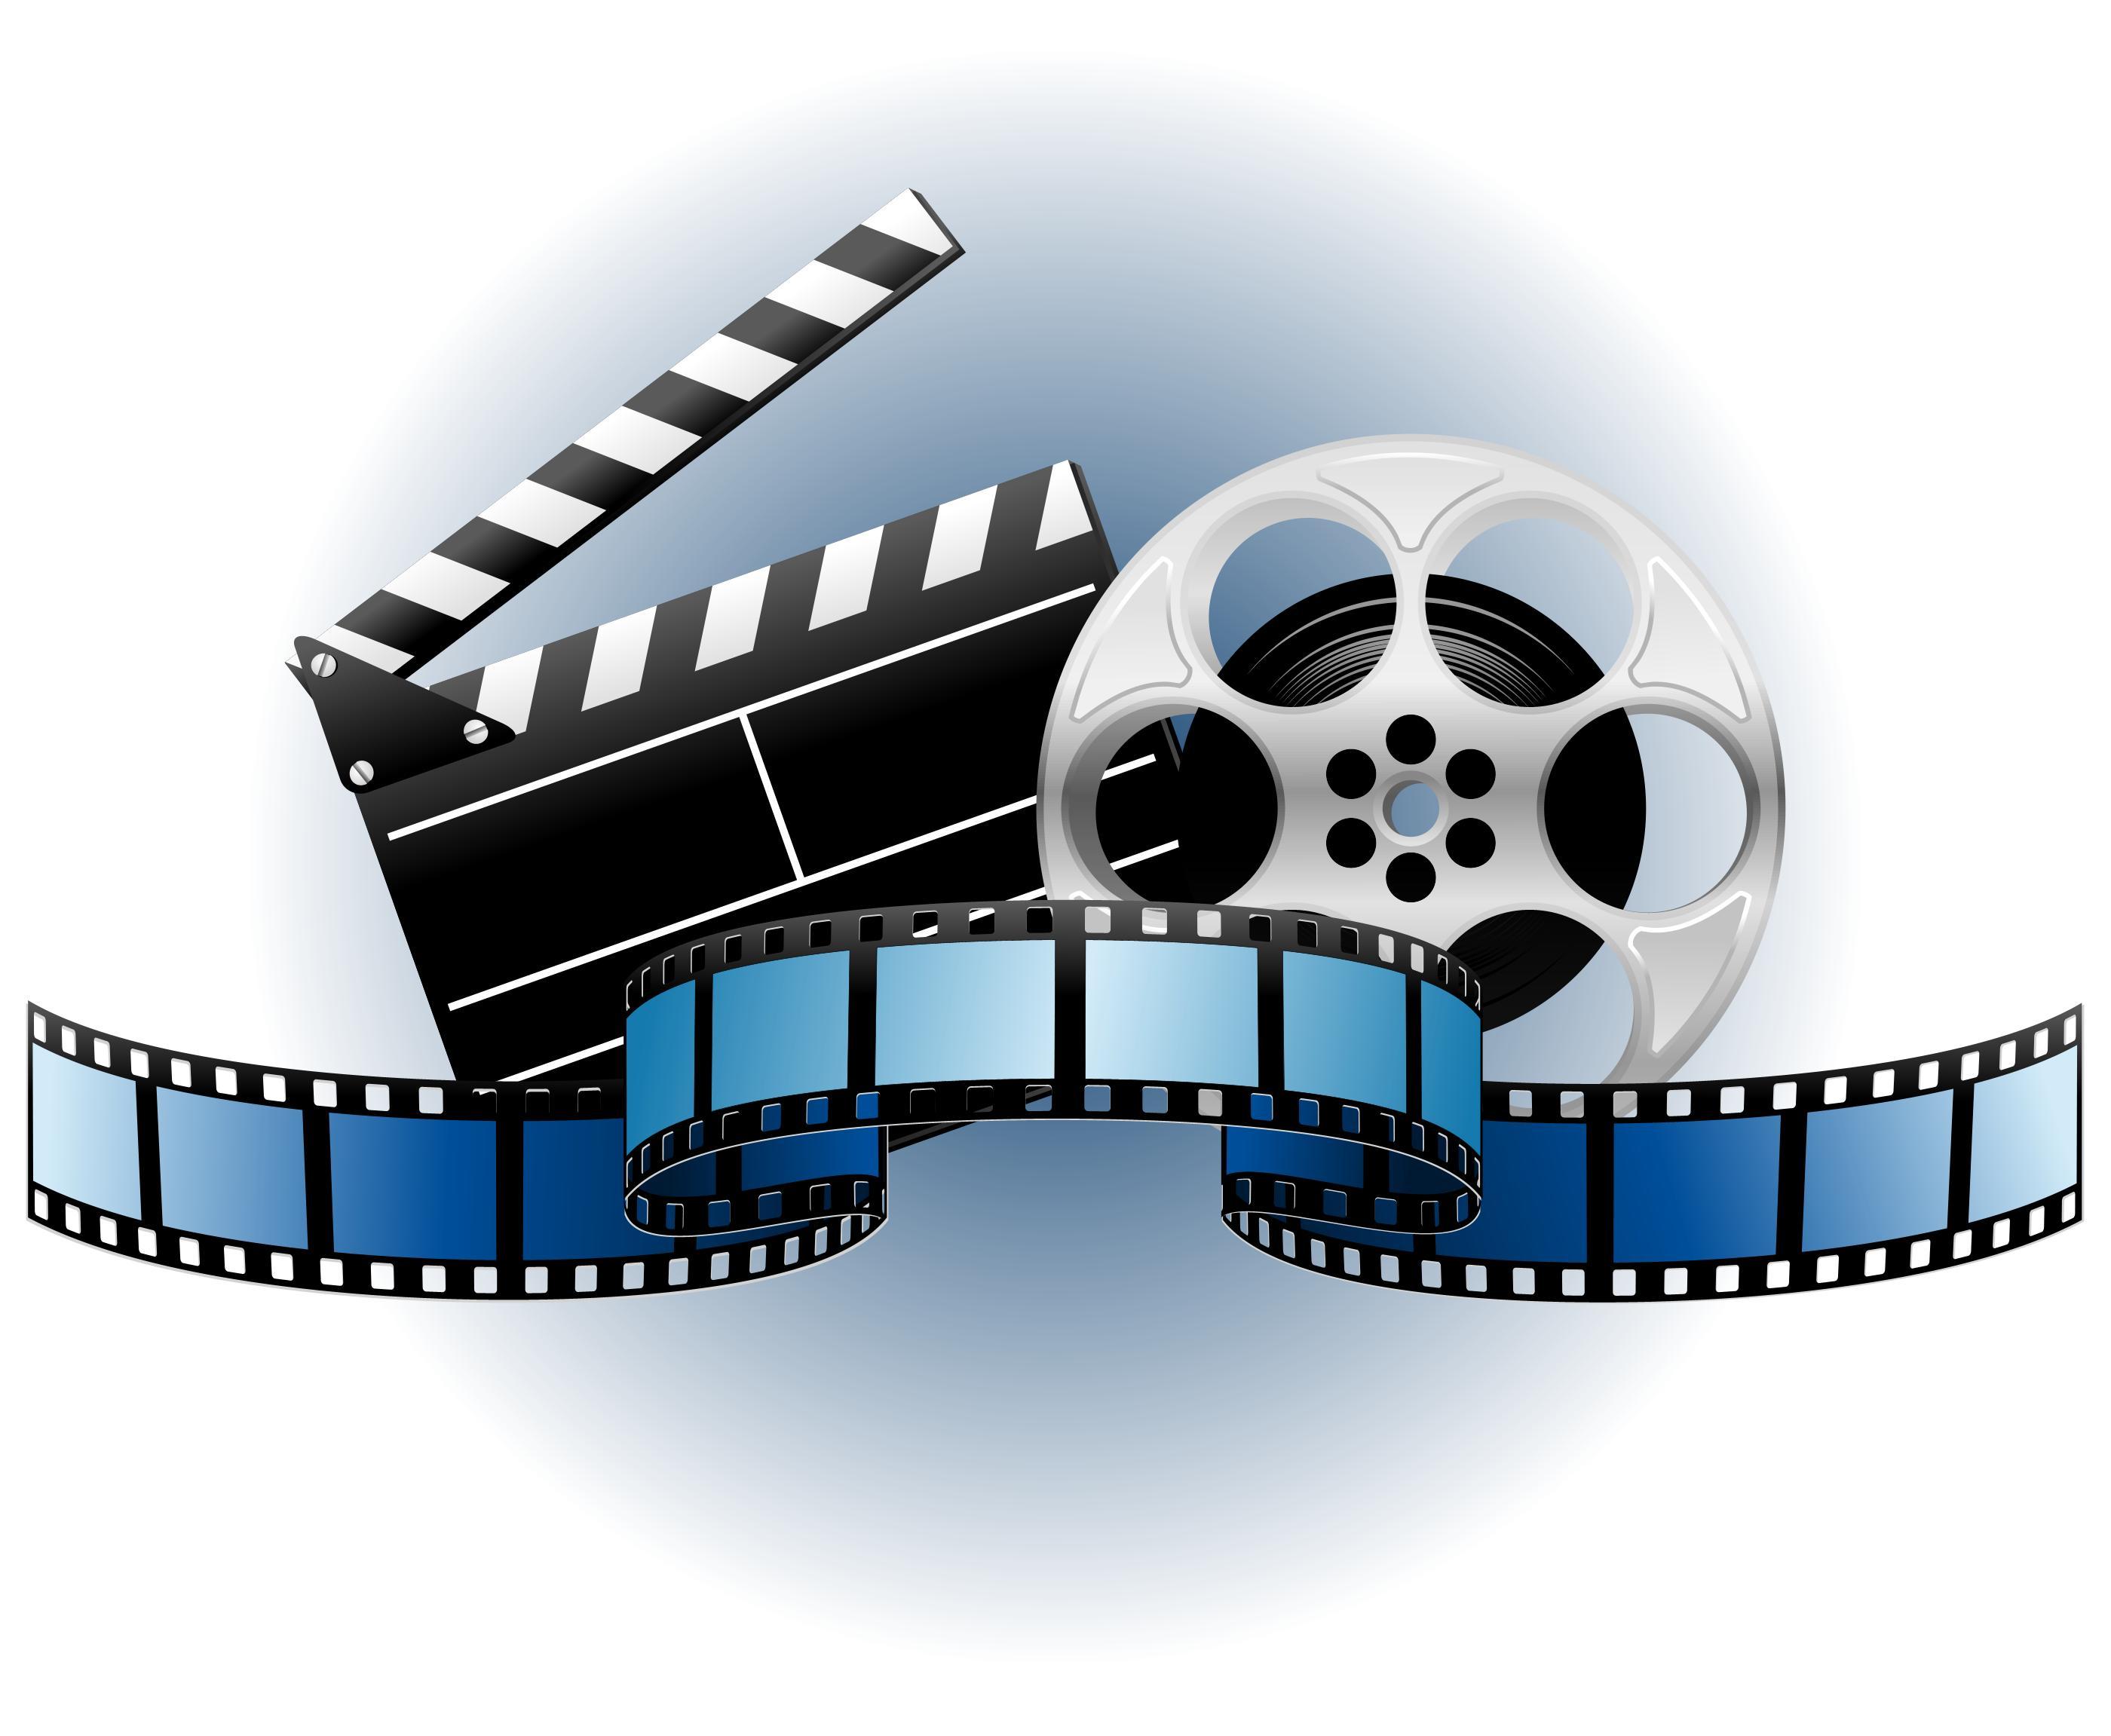 http://dicas.gospelmais.com.br/files/2012/05/video-clipes.jpg